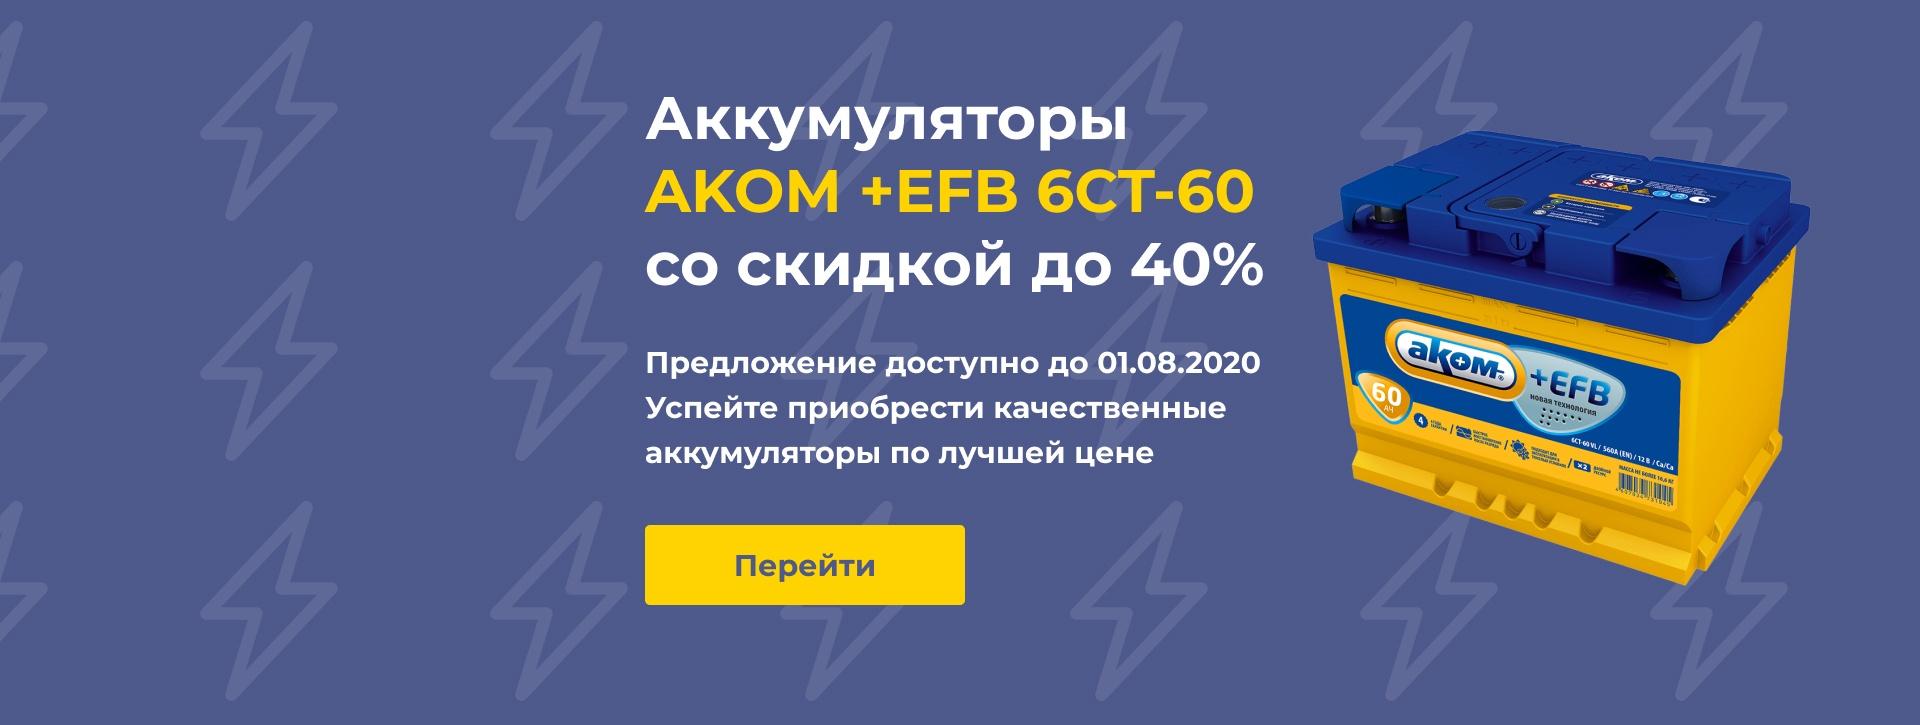 Аккумуляторы AKOM +EFB 6CT-60 со скидкой до 40%